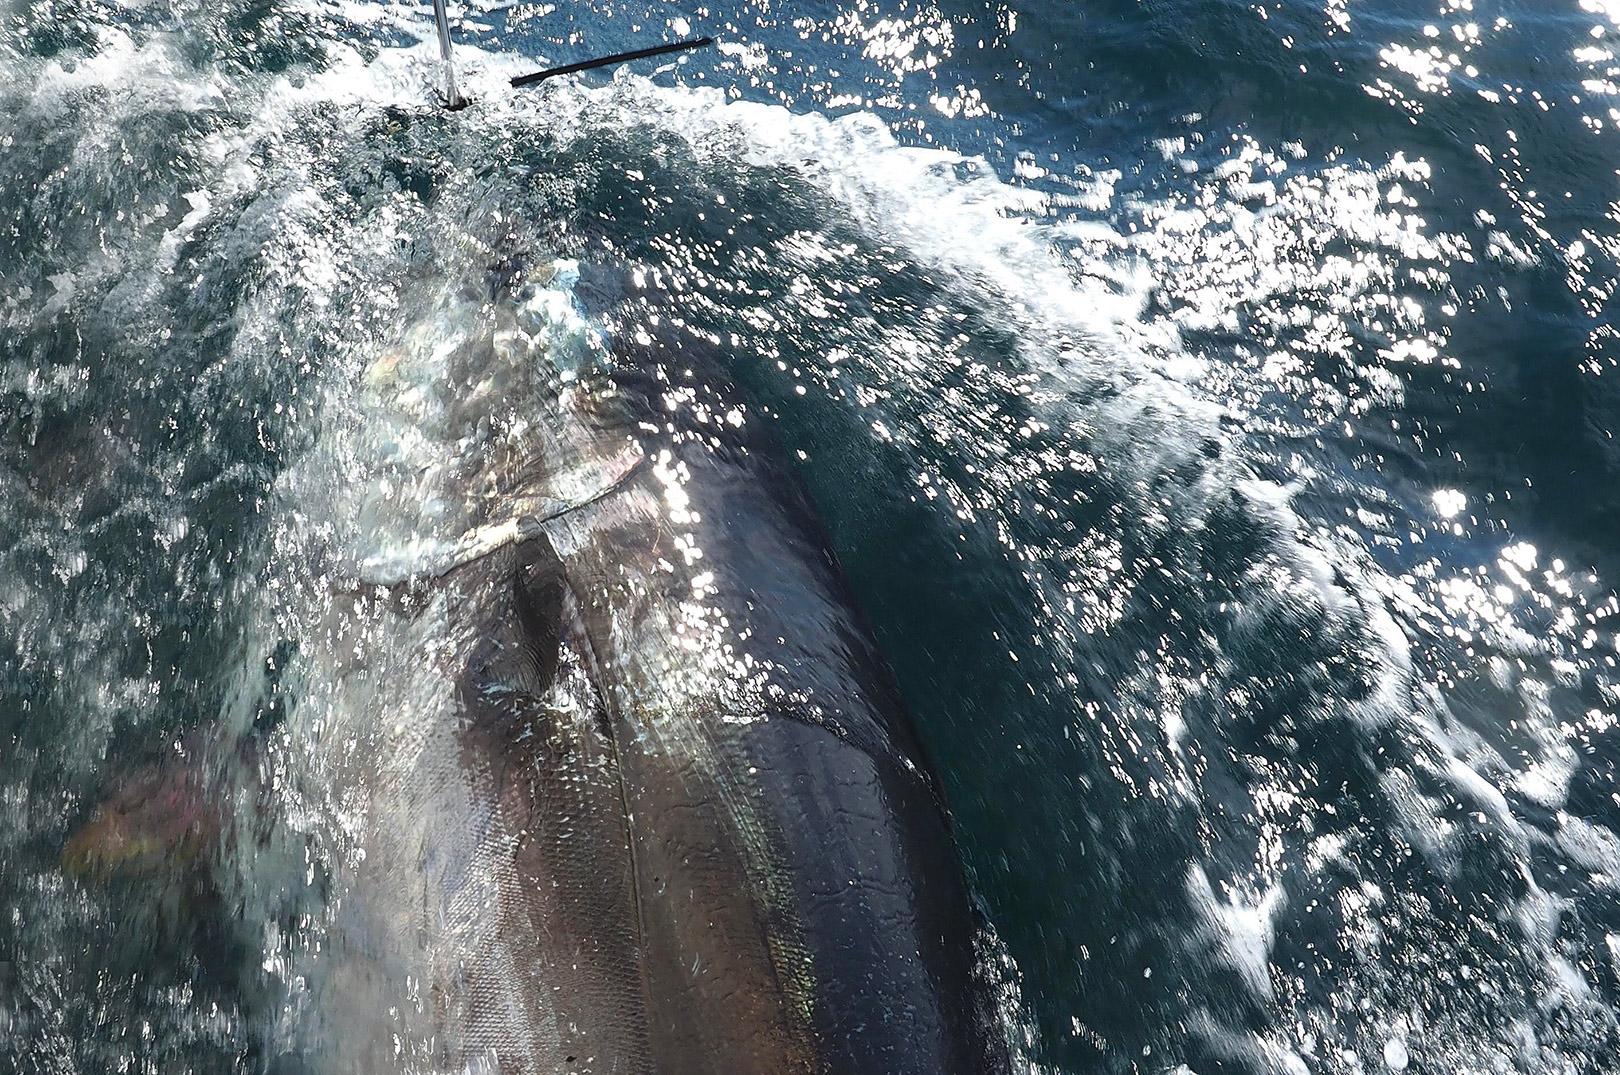 Dødeligheden på C & R fiskeriet efter tun i Skagerrak er ifølge forskerne kun cirka 3 %. Til sammenligning er dødeligheden på C & R efter gedder 7 % og ved fiskerie efter laksefisk cirka 14 %.